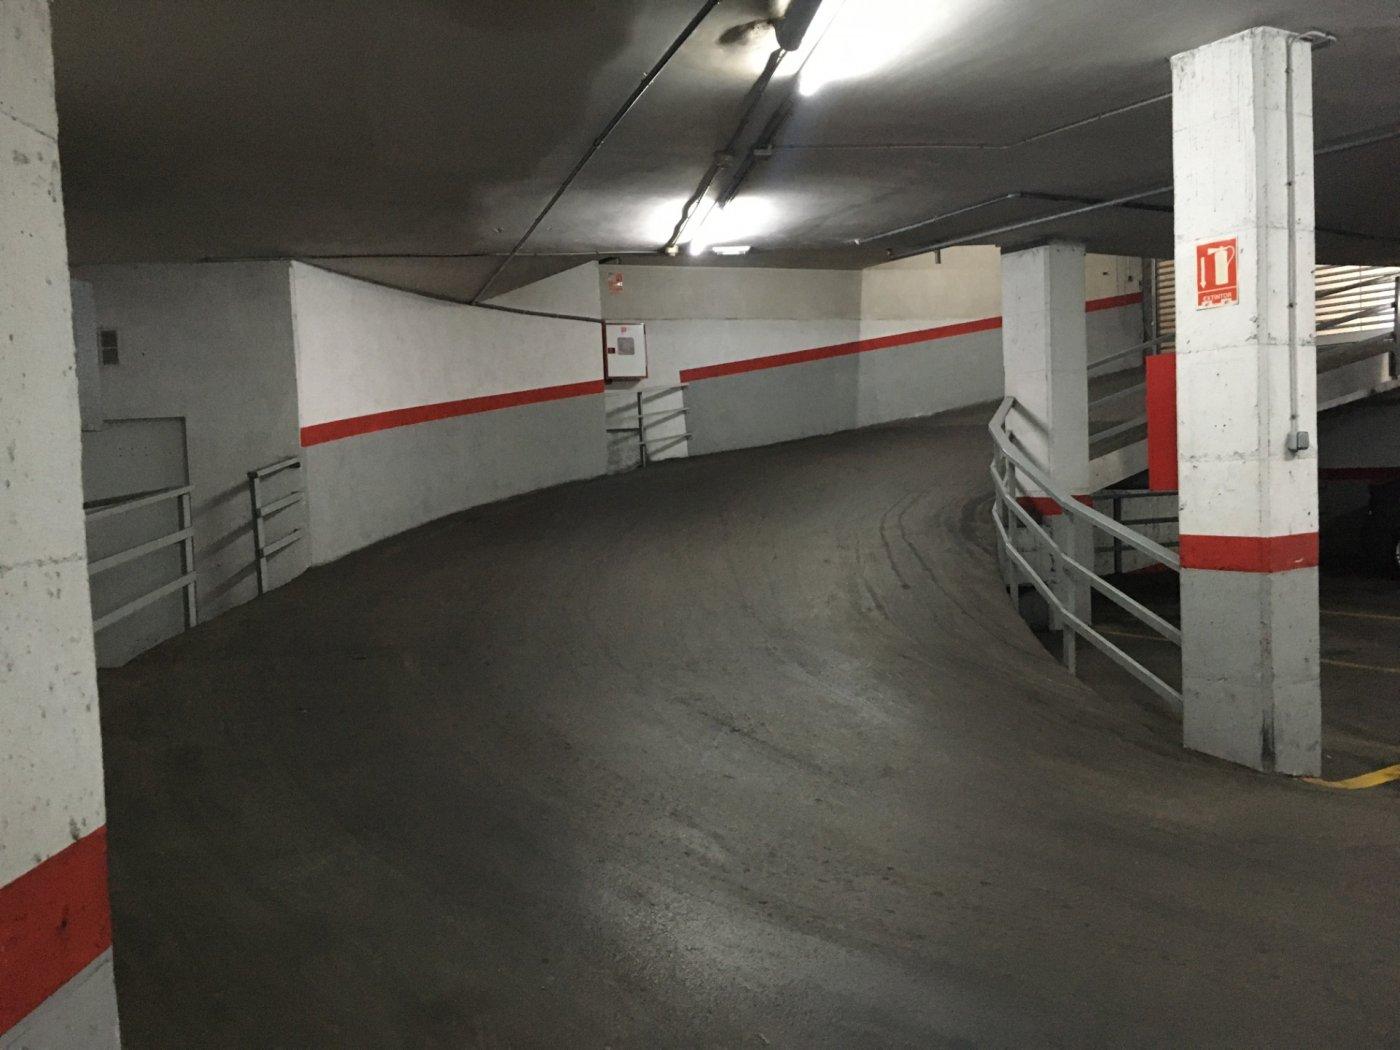 plaza de aparcamiento en venta en pleno centro de manresa